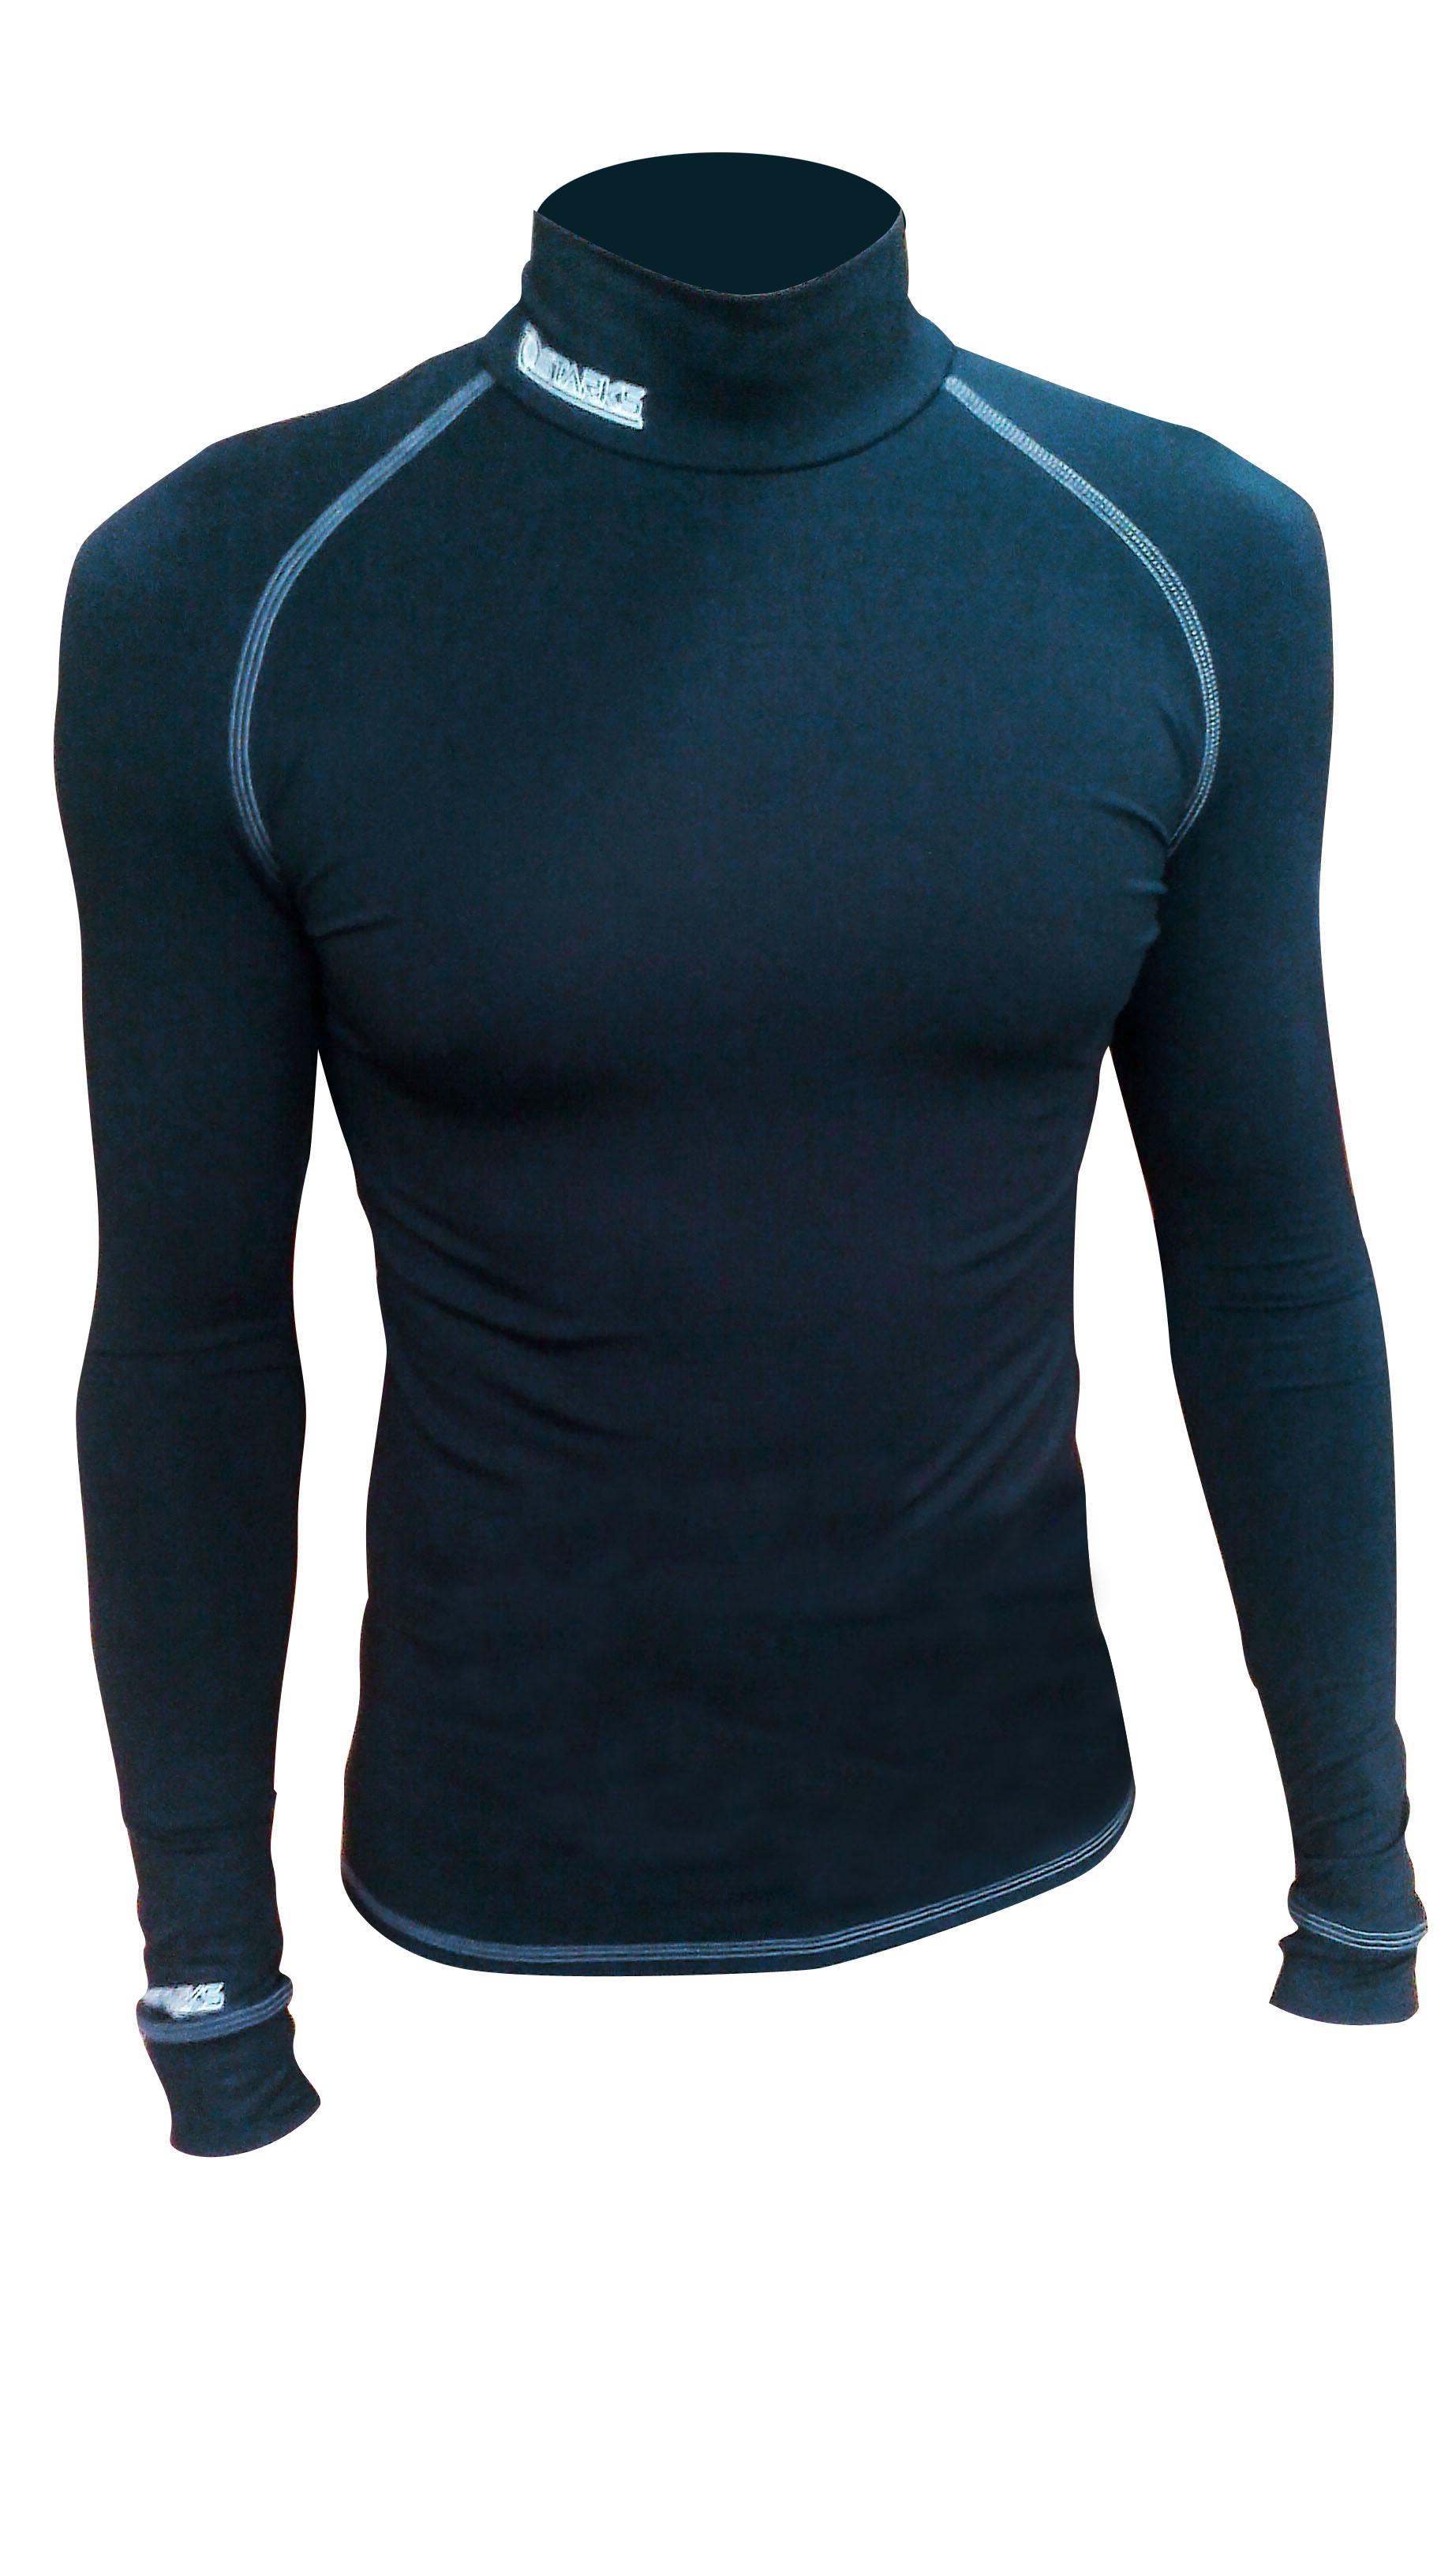 Термобелье кофта мужская Starks Warm, зимняя, цвет: черный. ЛЦ0018. Размер XXLЛЦ0018_XXL_МужАнатомическое термобелье Starks Warm, выполнено из европейской сертифицированной ткани PolarStretch. Высокие эластичные свойства материала позволяют белью максимально повторять индивидуальную анатомию тела, эффект второй кожи. Термокофта имеет отличные влагоотводящие свойства, что позволяет телу оставаться сухим. Высокие термоизоляционные свойства, позволяют исключить переохлаждение или перегрев. Воротник стойка обеспечивает защиту шеи от холода. Белье предназначено для активных физических нагрузок. Повседневное использование, в качестве демисезонного.Особенности:-Stop Bacteria.-Защита от перегрева или переохлаждения.-Эластичные, мягкие плоские швы.-Гипоаллергенно.Состав: 92% полиэстер, 8% эластан.